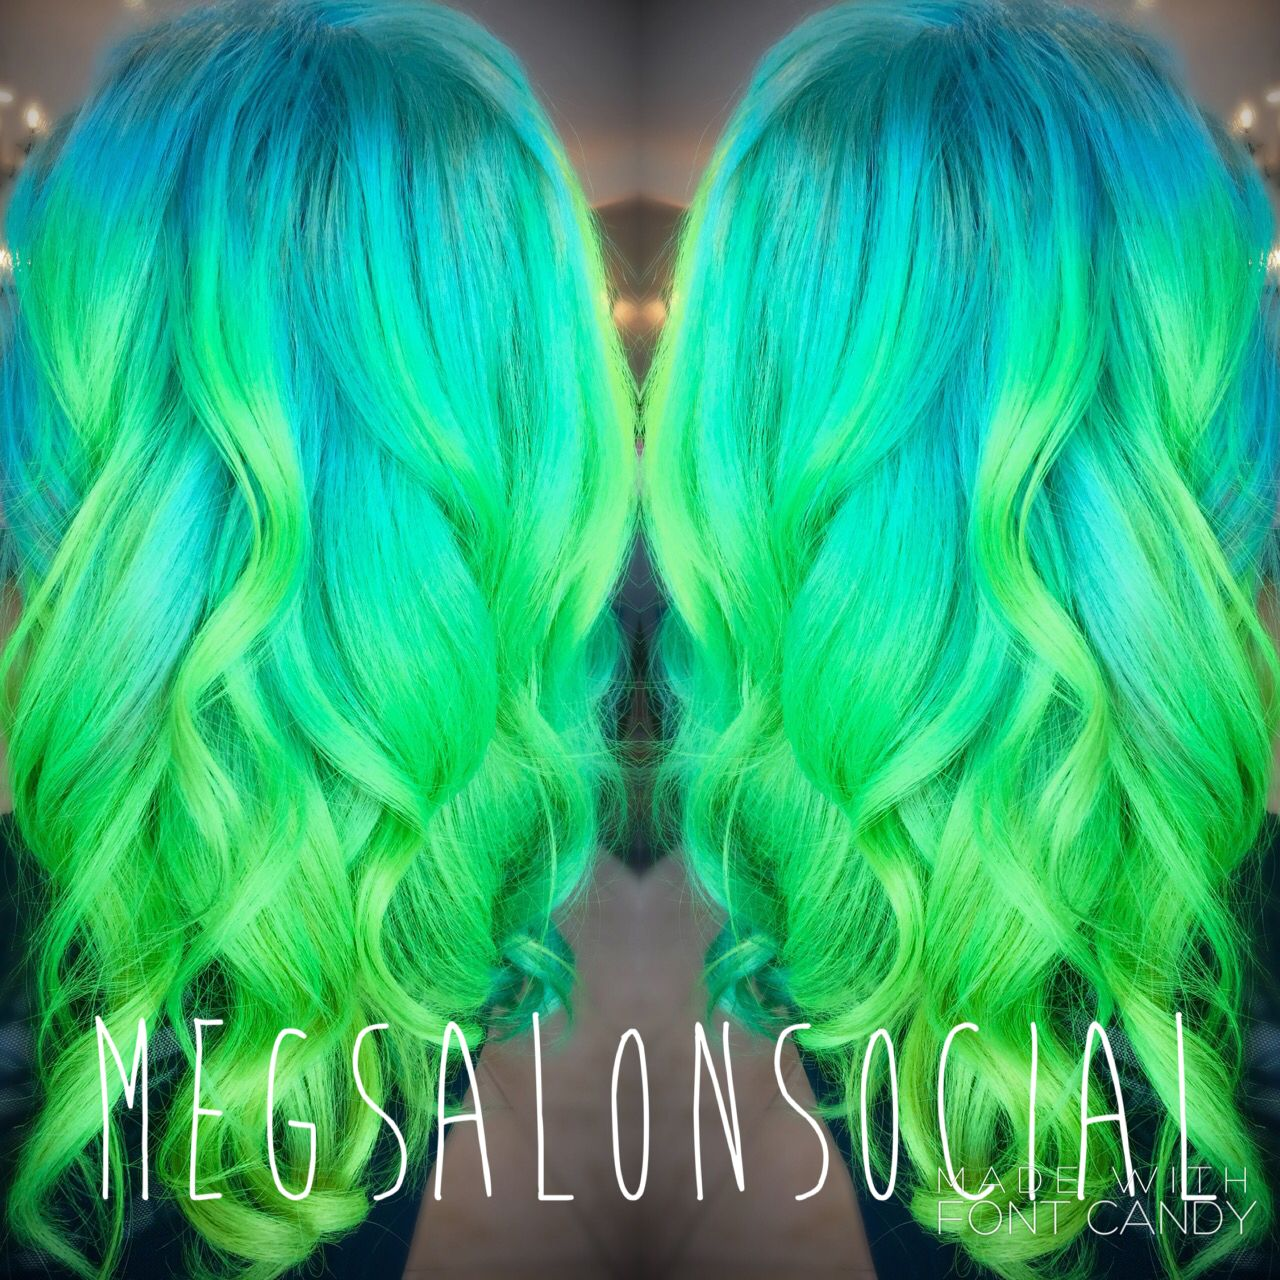 Neon Green And Blue Hair Ombre Color Melt Pensacola Florida Megsalonsocial